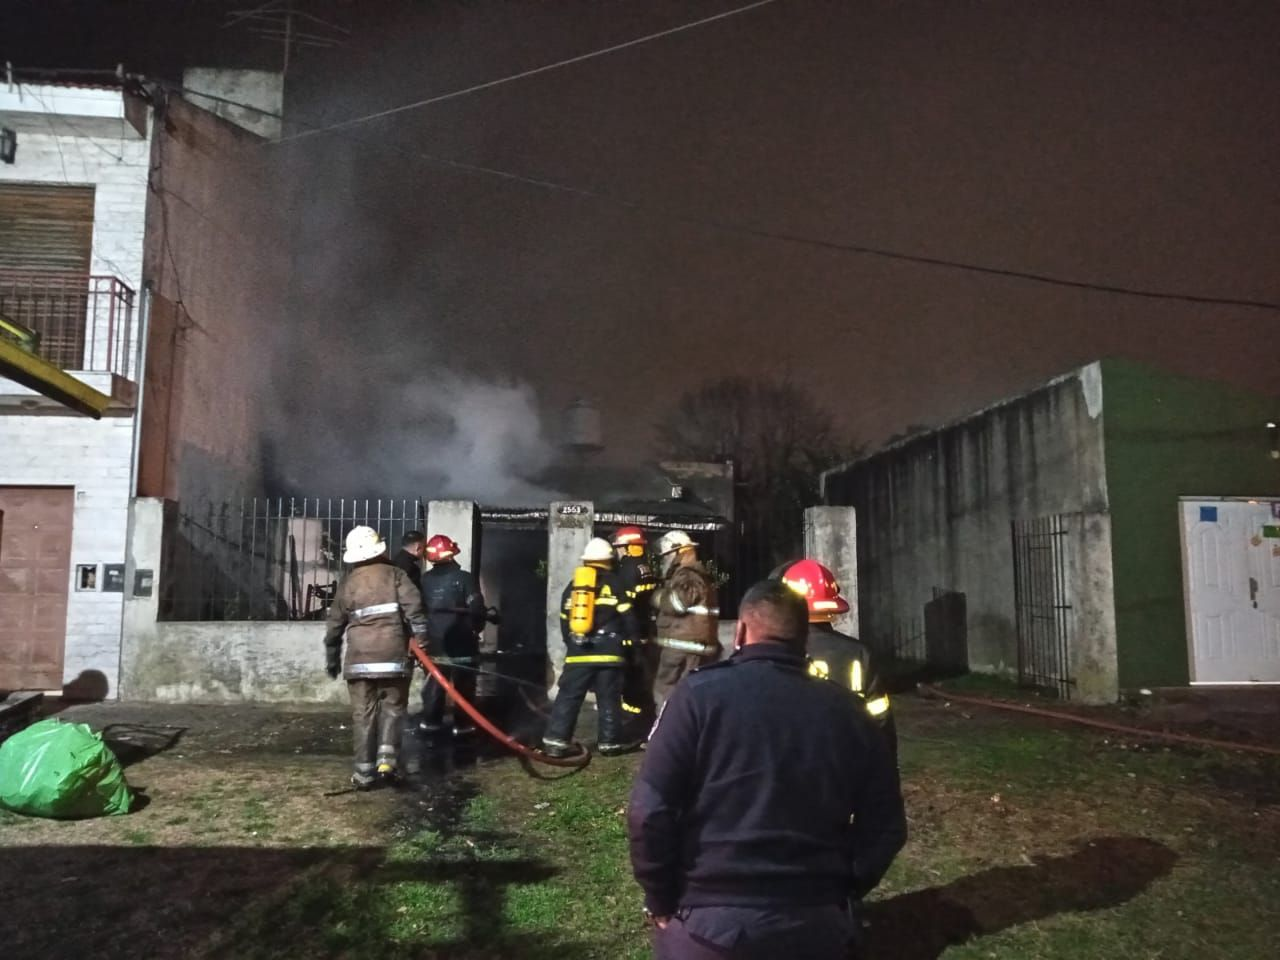 Los peritos bomberos trabajan para confirmar qué provocó el fuego